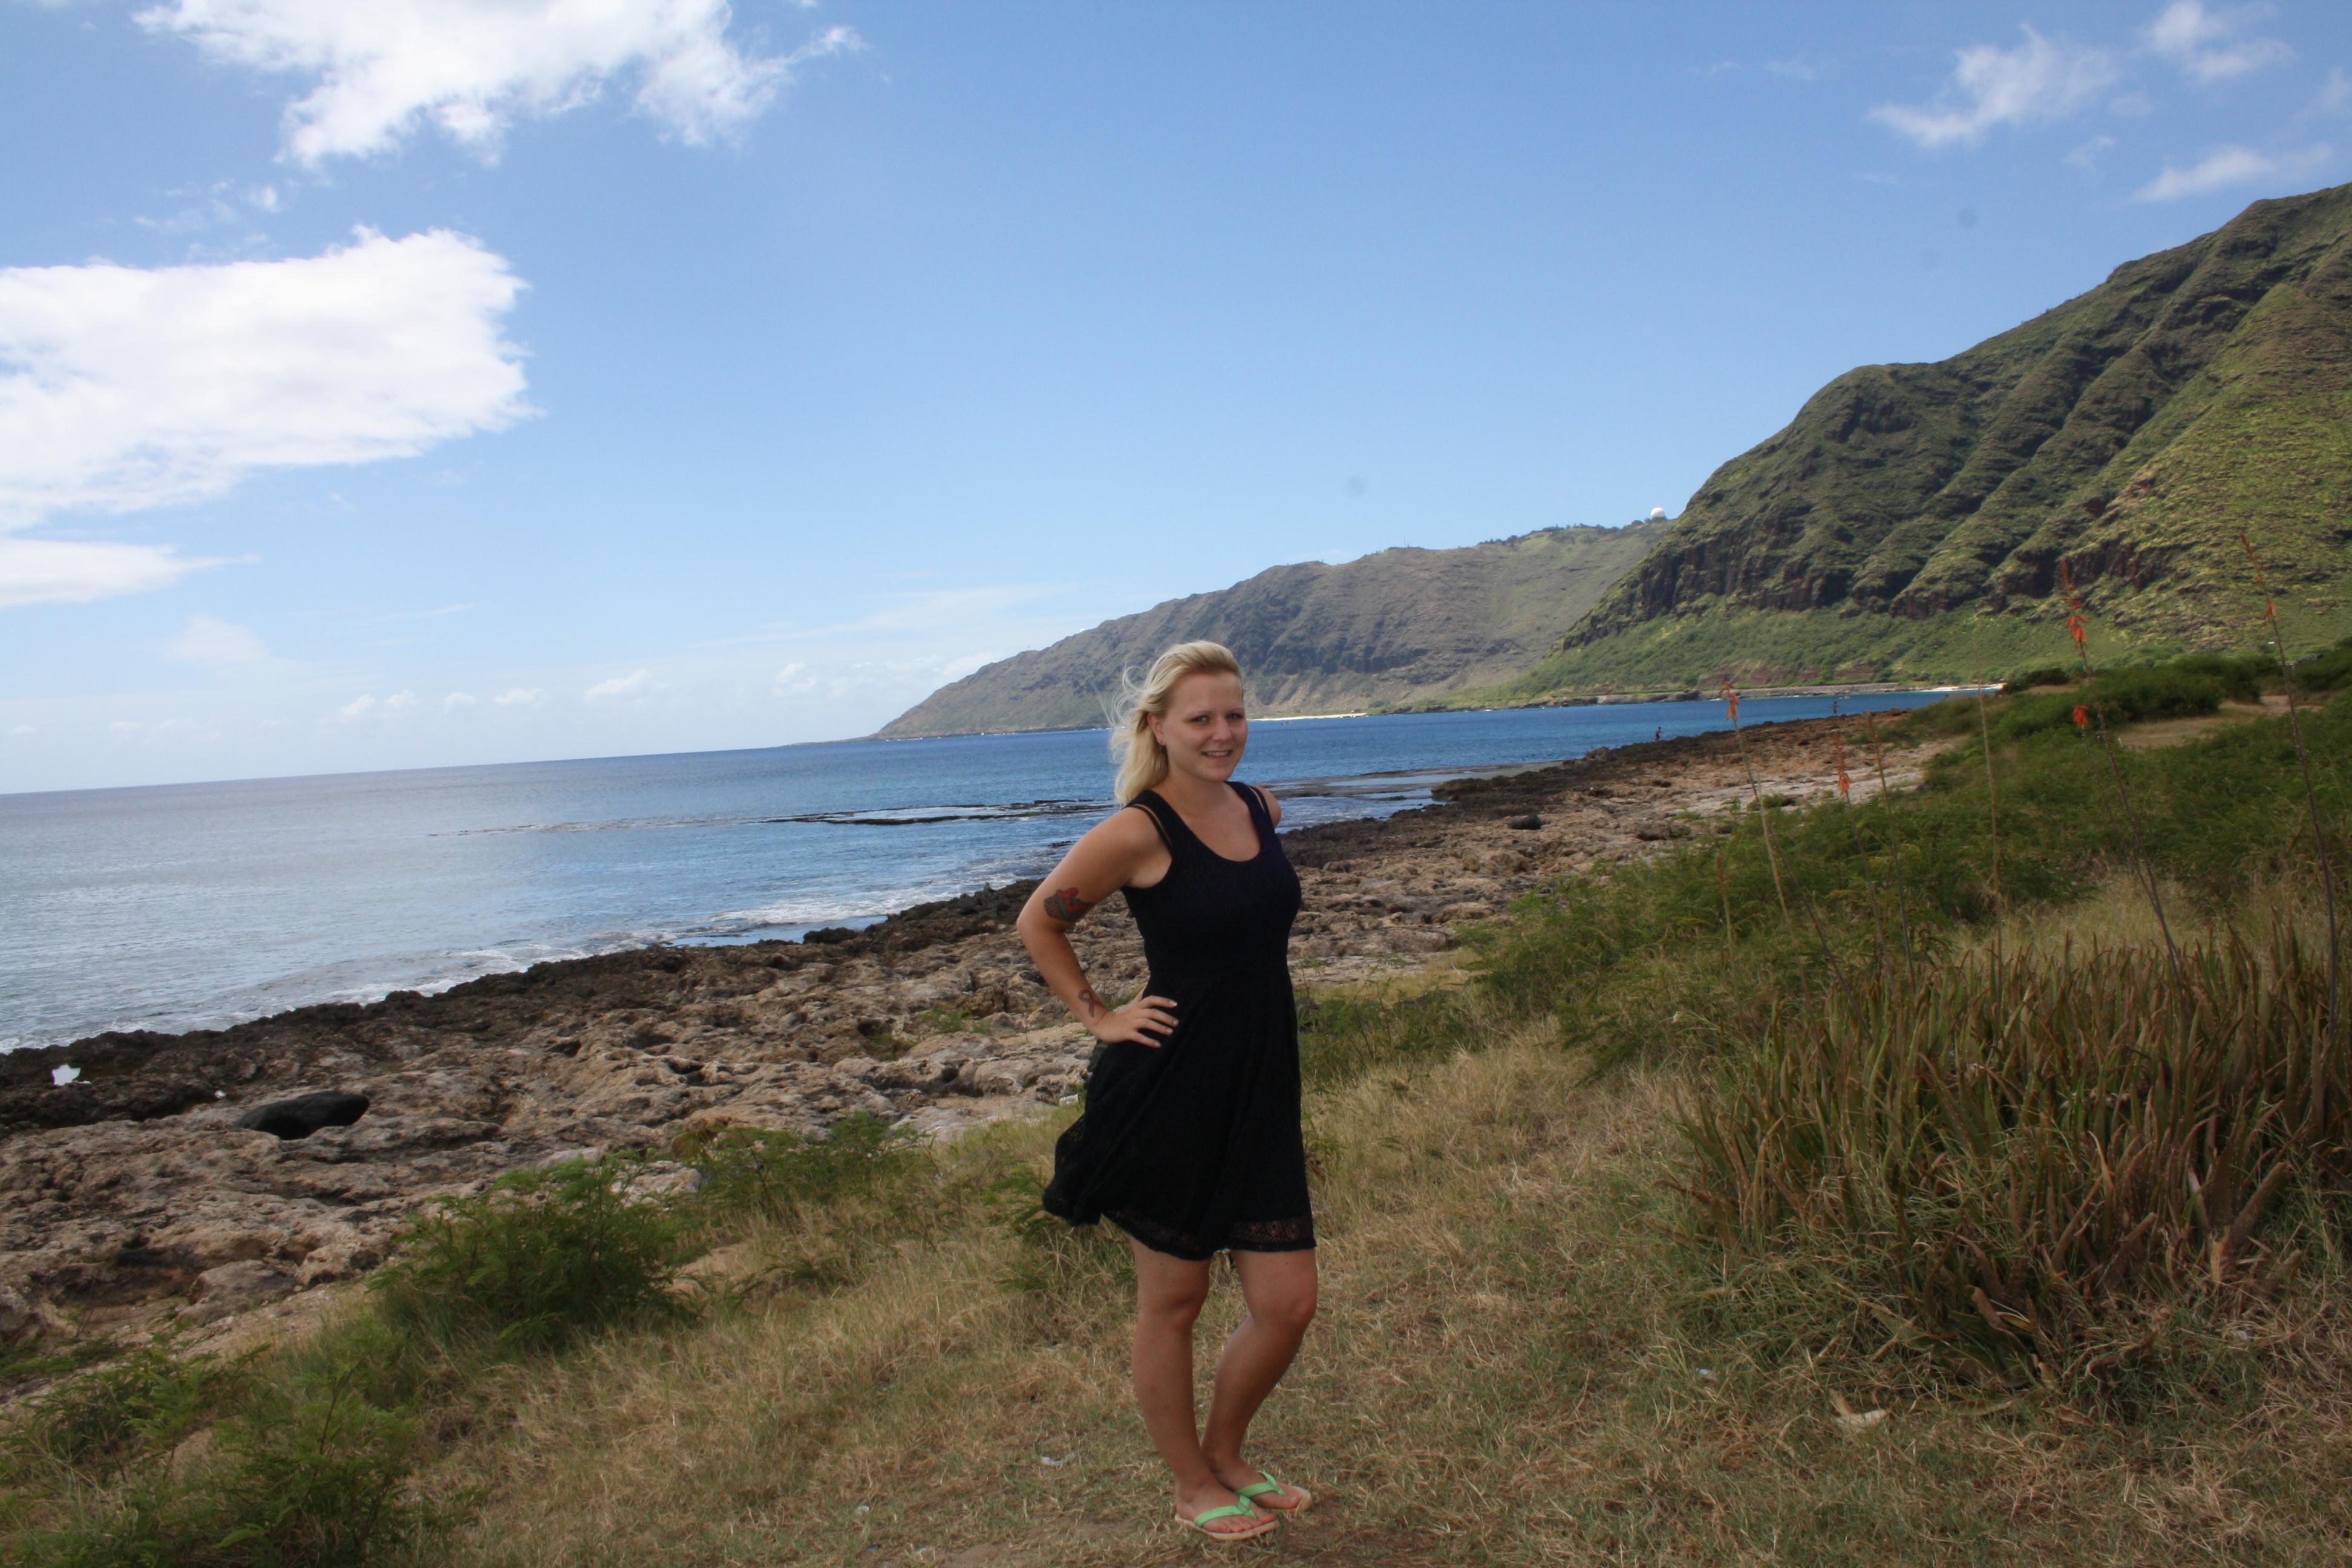 Packliste für Hawaii: Flip-Flops